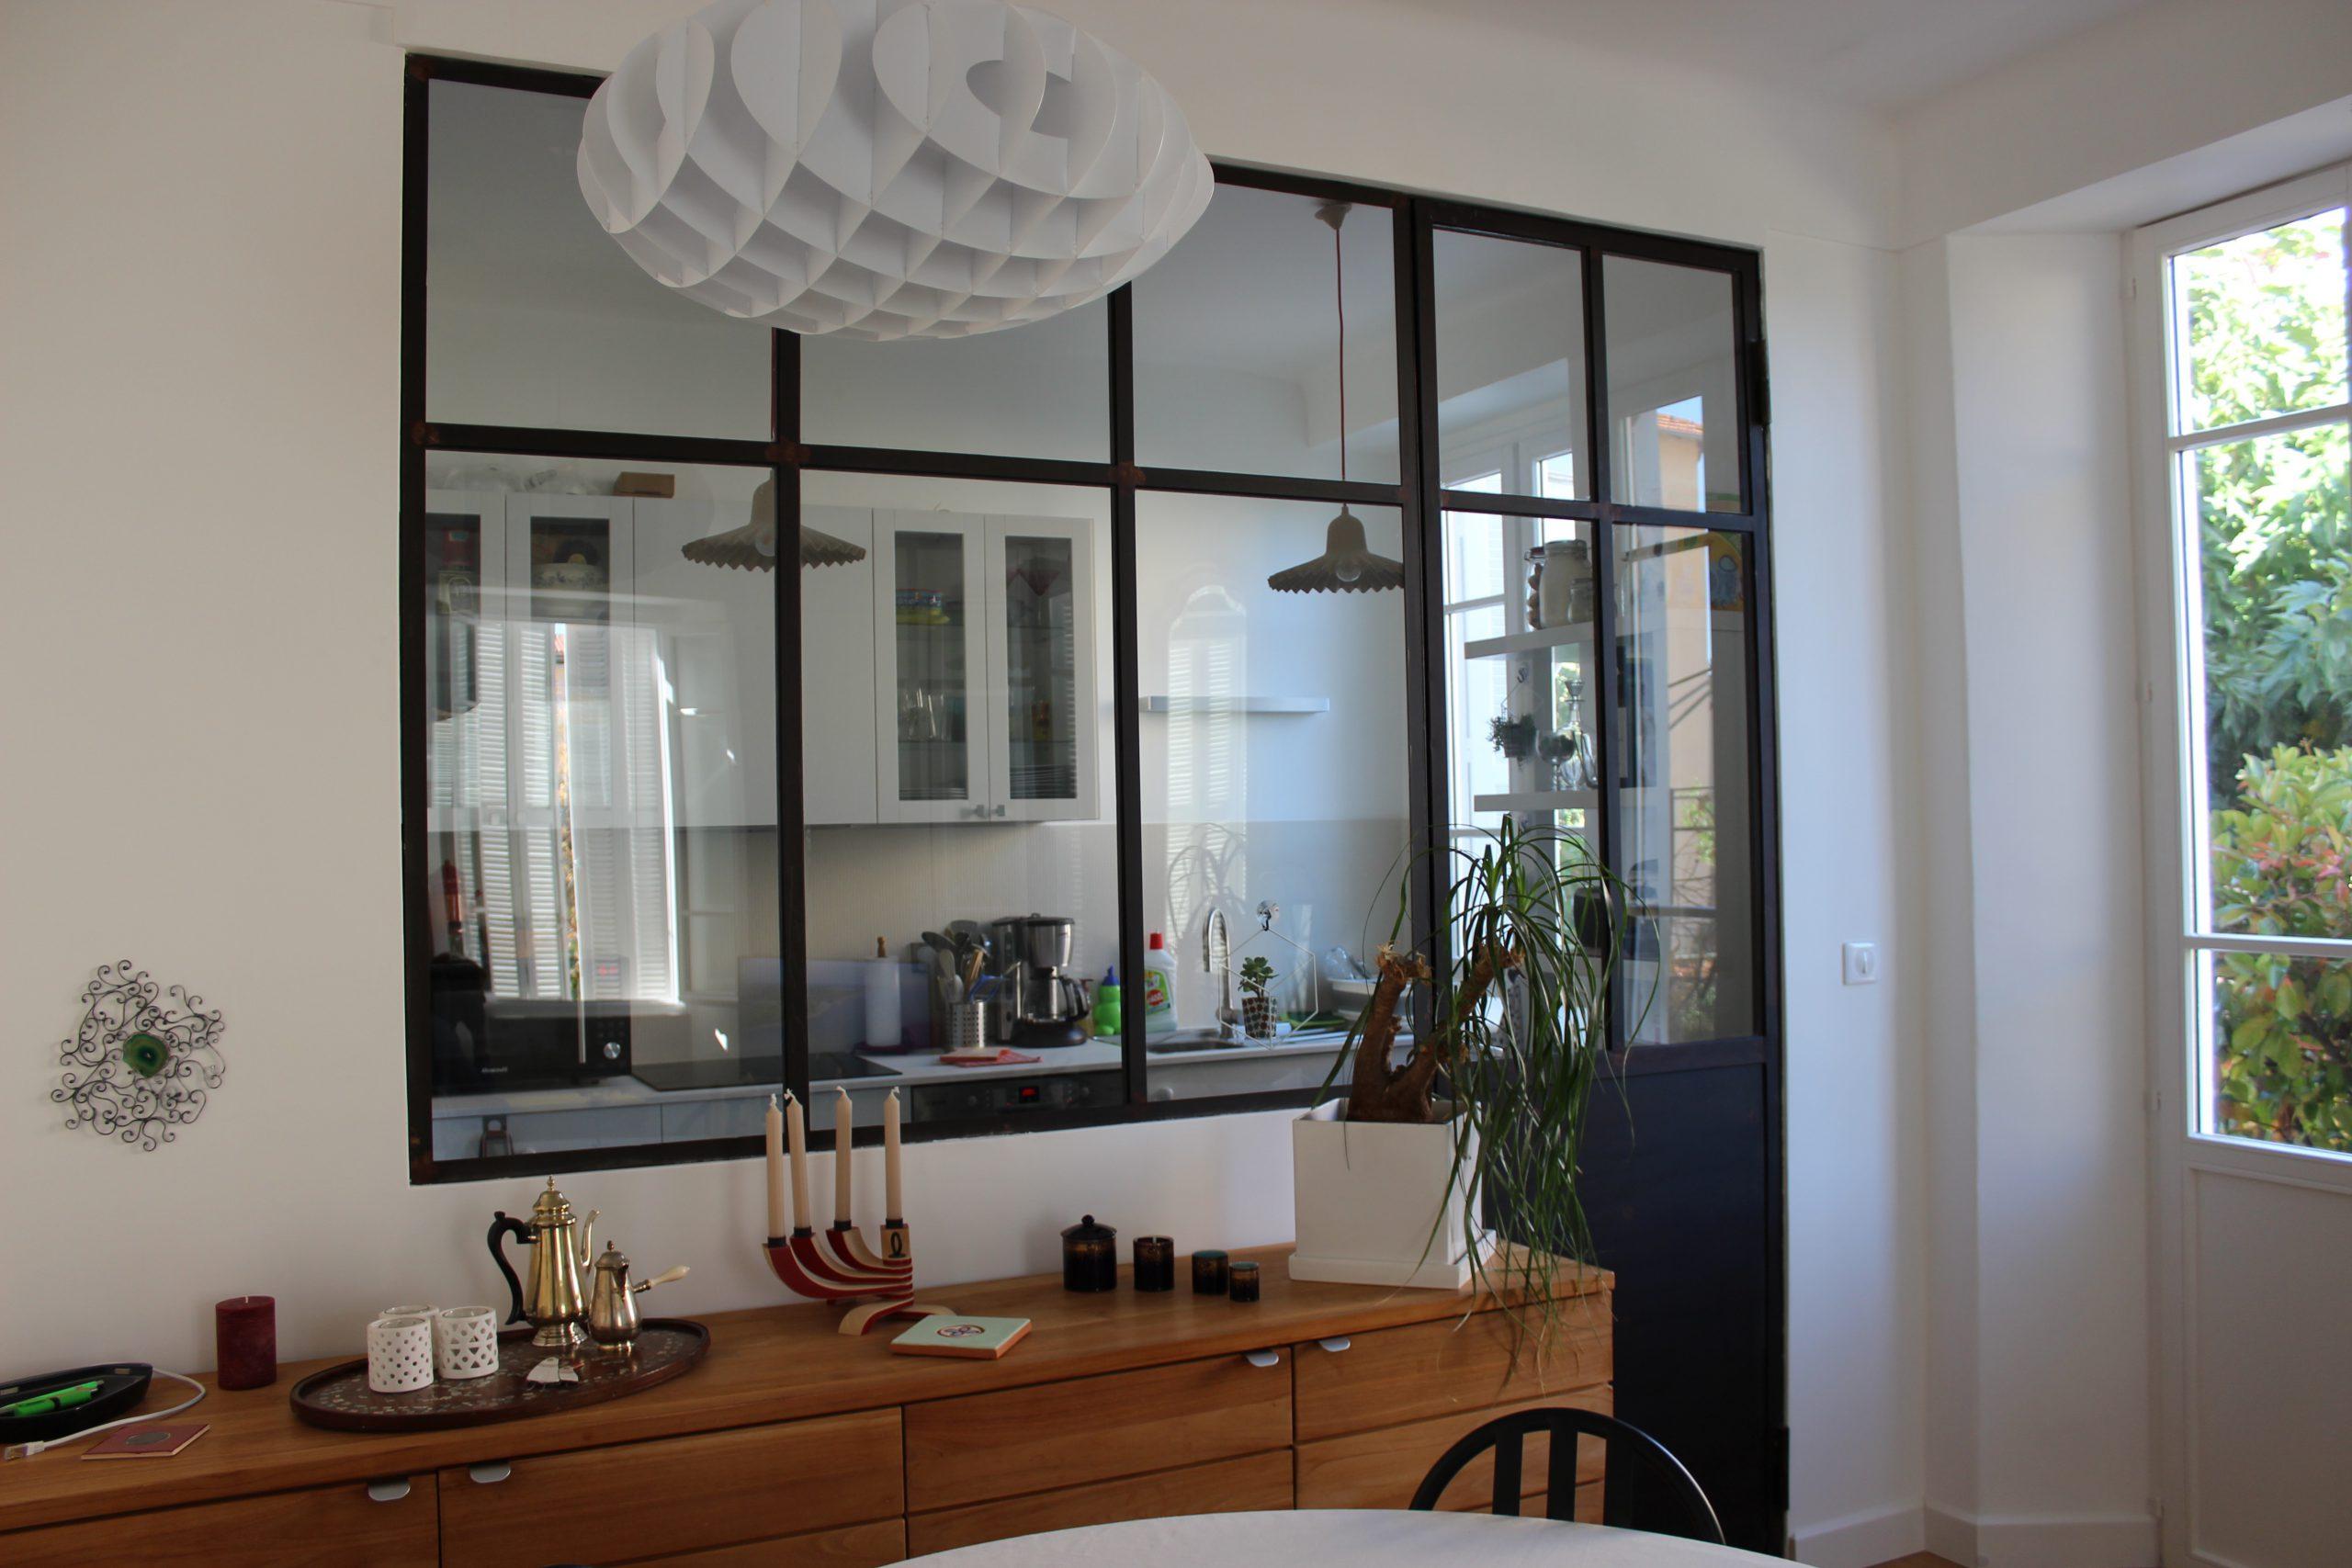 architecte salle à manger verrière